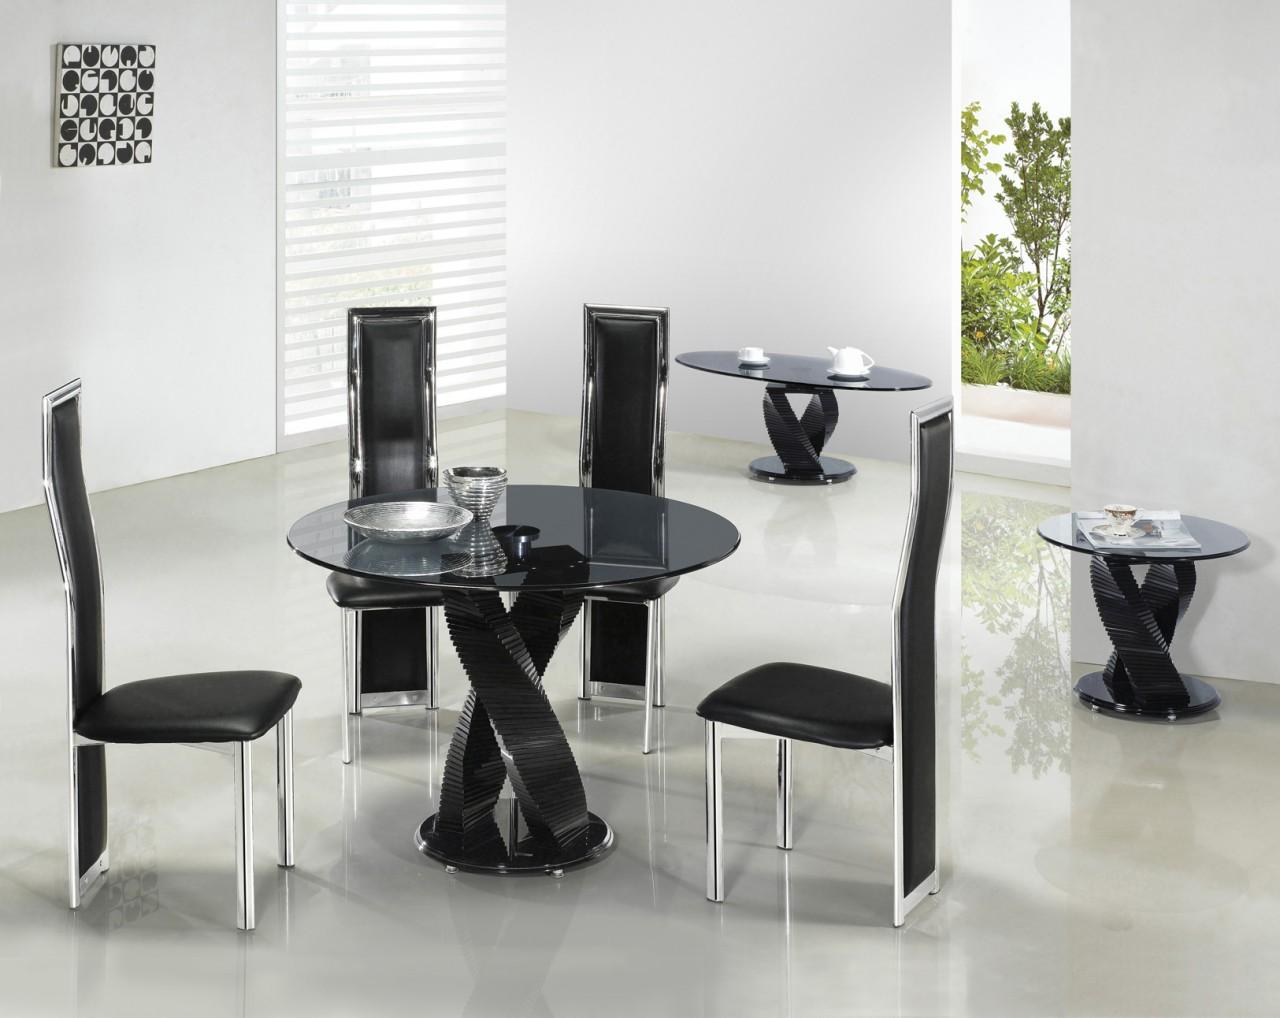 Стеклянные столы для кухни. Как выбрать стол на кухню из стекла ...